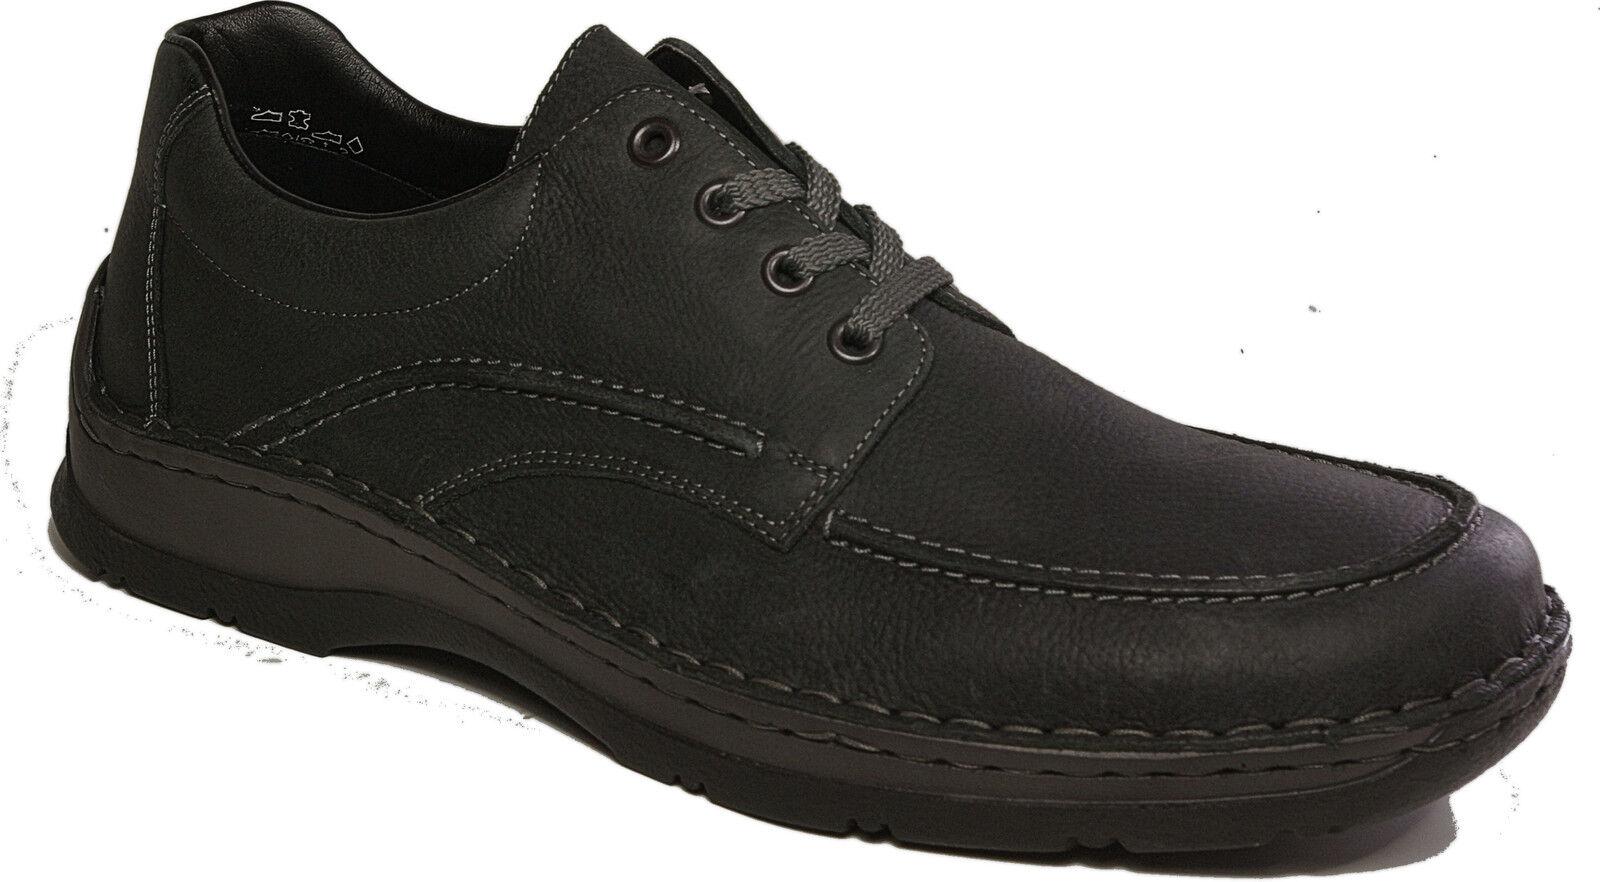 RIEKER Schuhe Halbschuhe NEU echt Leder Schnürschuhe NEU Halbschuhe  grauschwarz 1d5ec1 f423f9836c